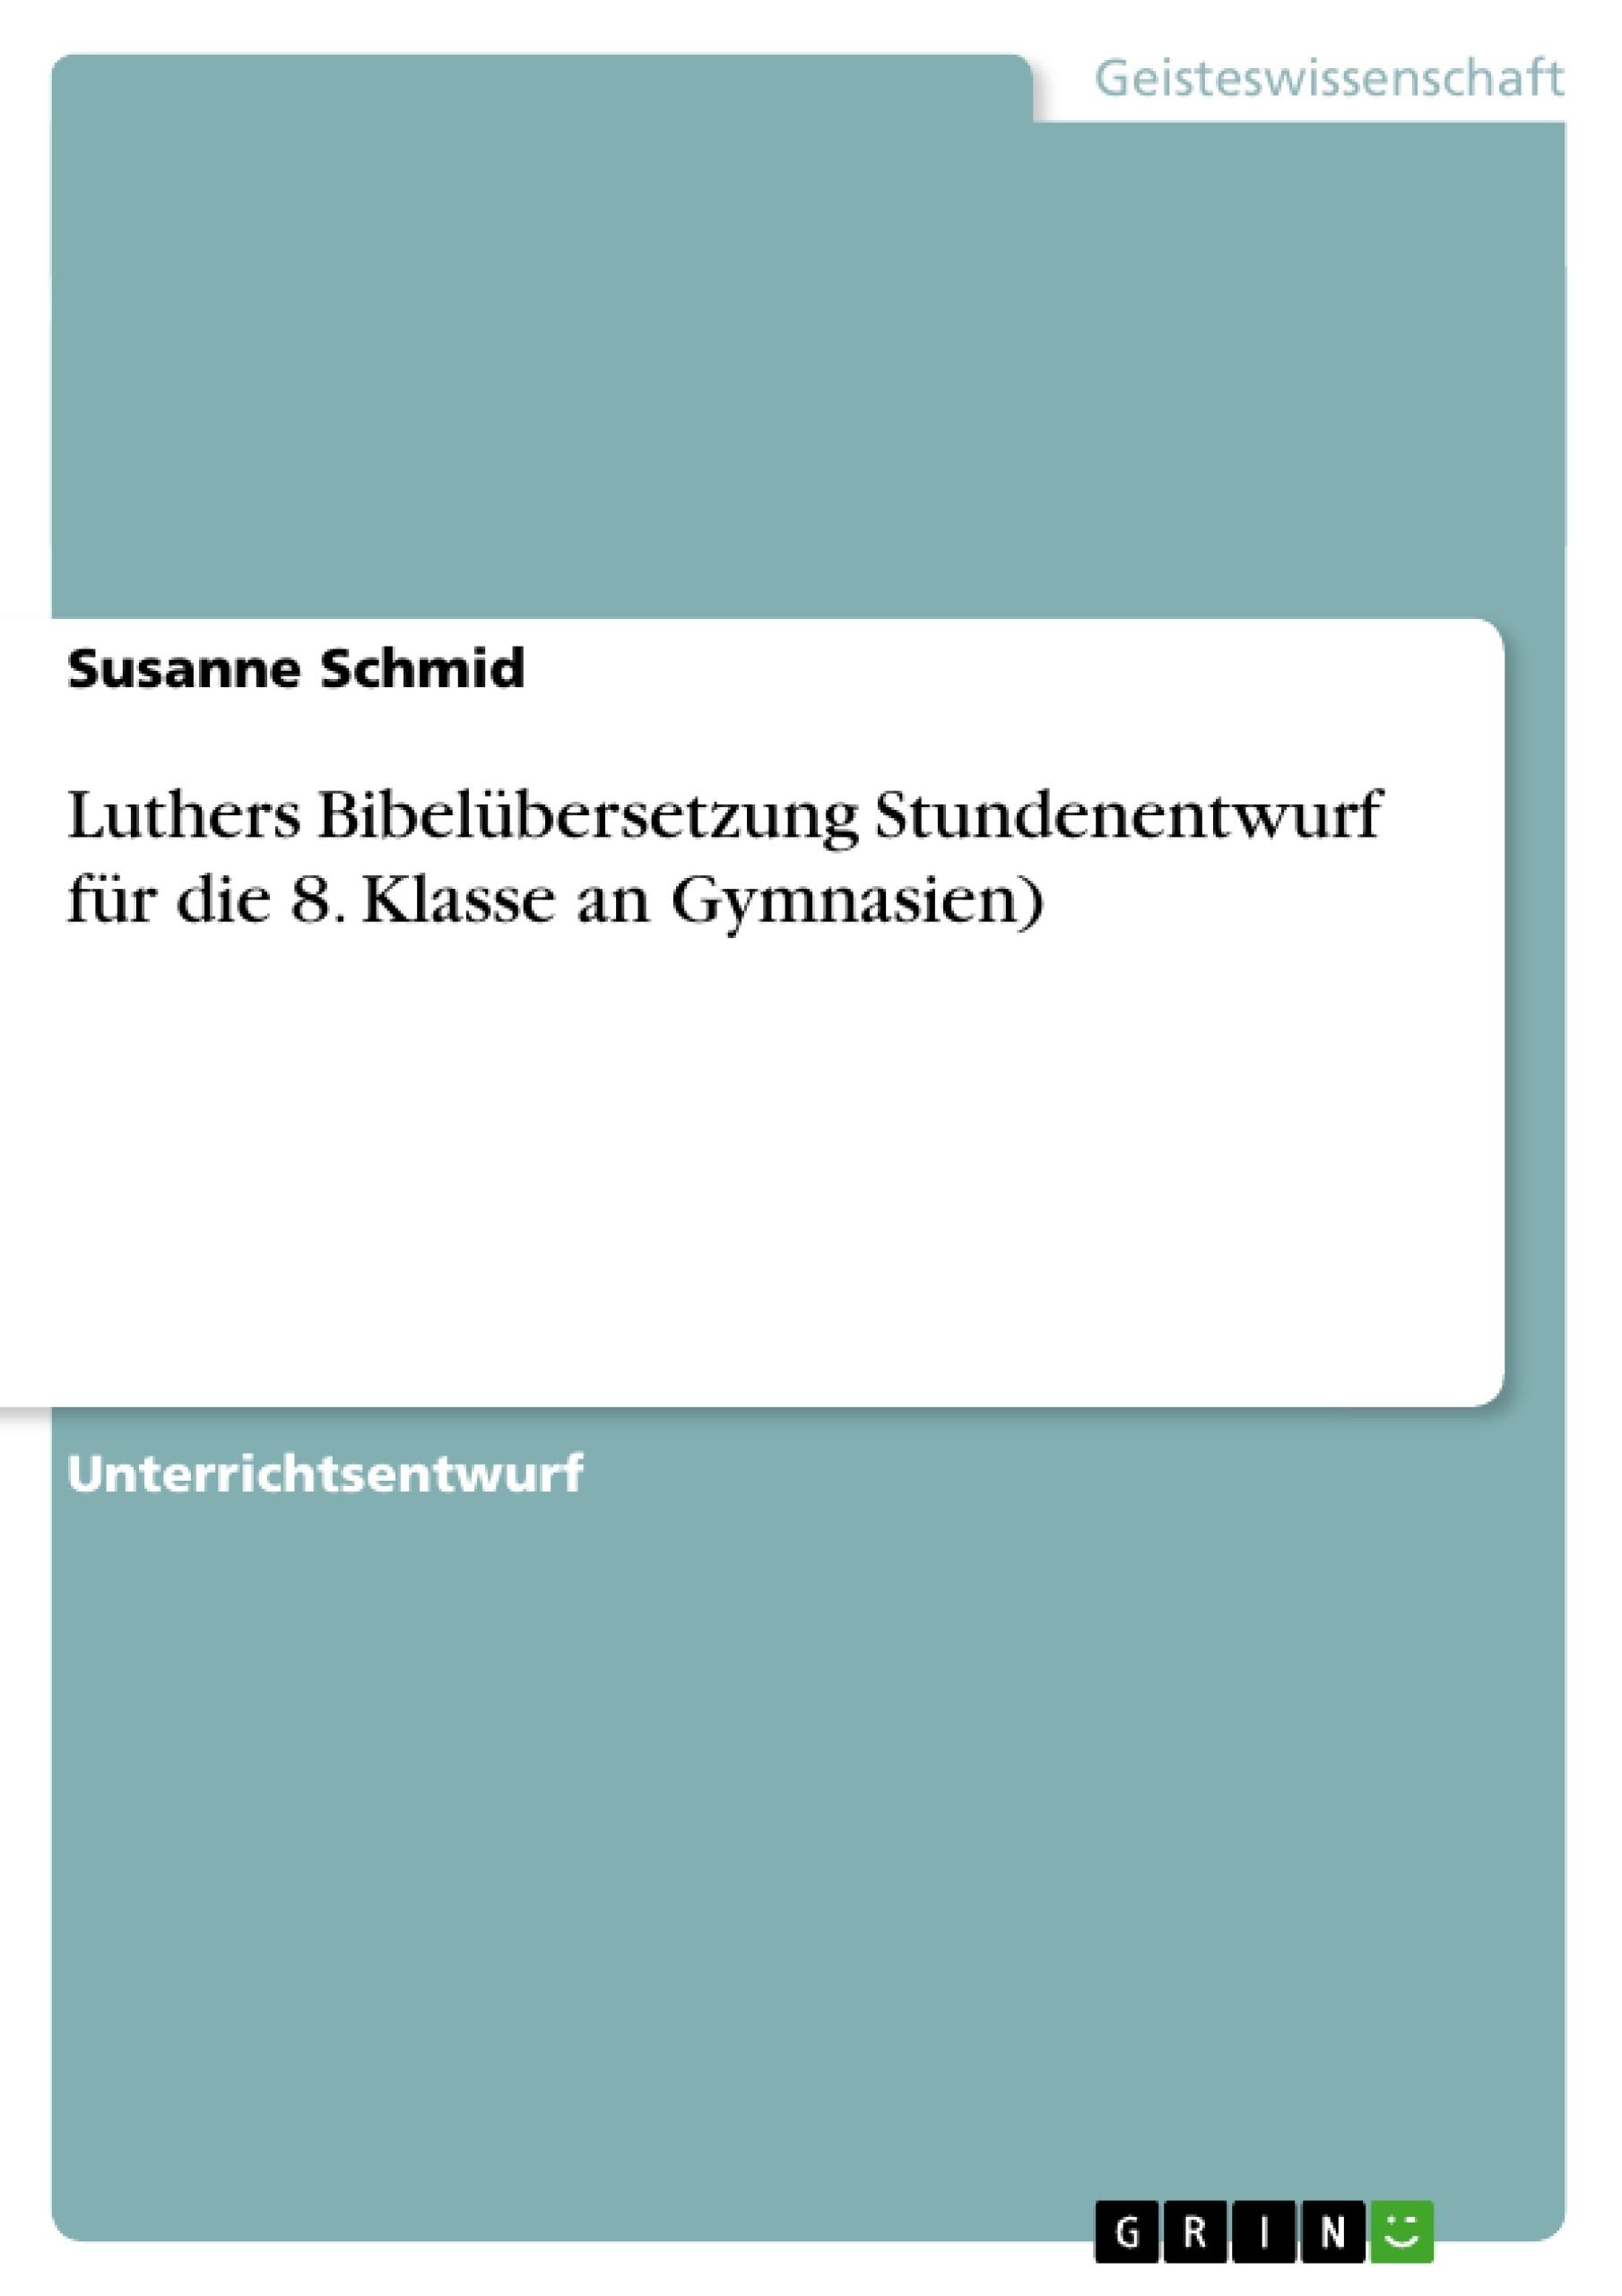 Titel: Luthers Bibelübersetzung Stundenentwurf für die 8. Klasse an Gymnasien)